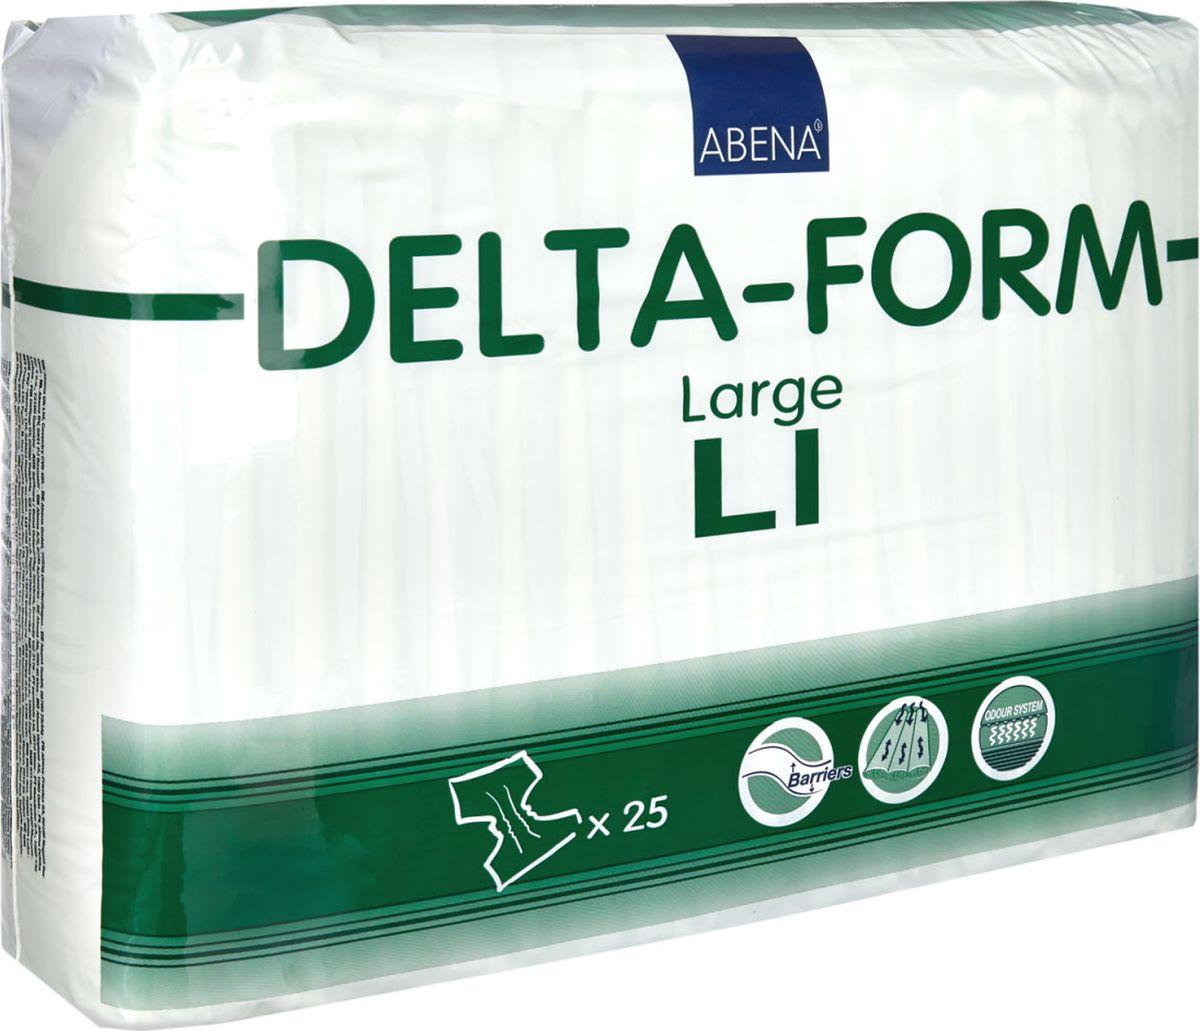 Abena Подгузники для взрослых Delta-Form L1 25 шт308811Подгузники для взрослых Abena Delta-Form созданы для ухода за пациентами, имеющими недержание мочи. Они имеют анатомическую форму, которая обеспечивает оптимальный комфорт и активность пациента. Внутренняя поверхность изготавливается из особого материала, который обеспечивает сухость, защиту кожи и проникновение влаги только в одну сторону. Благодаря наличию распределительного слоя TOP DRY влага впитывается очень быстро и минимально контактирует с кожей.Впитываемость 2200 г. Размер 100-150 см.